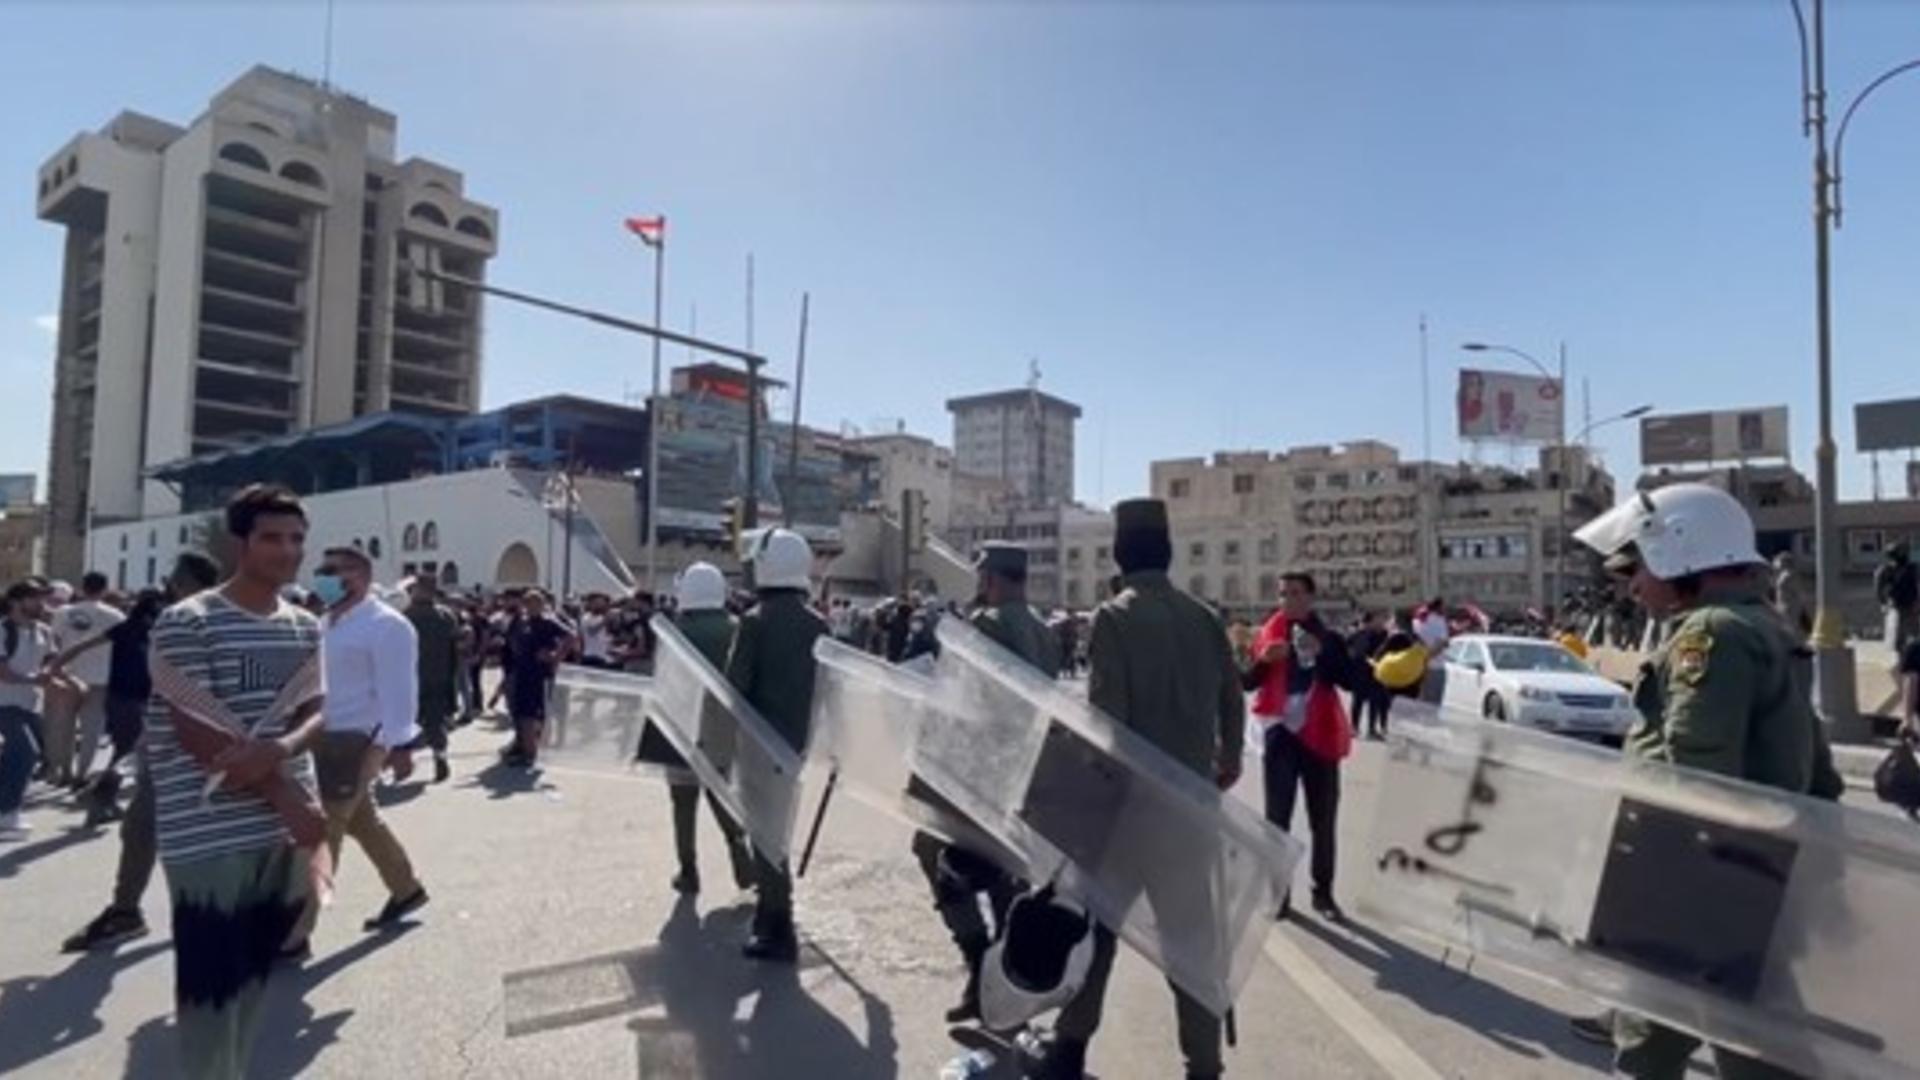 حقوق الإنسان تعلن حصيلة أحداث التحرير